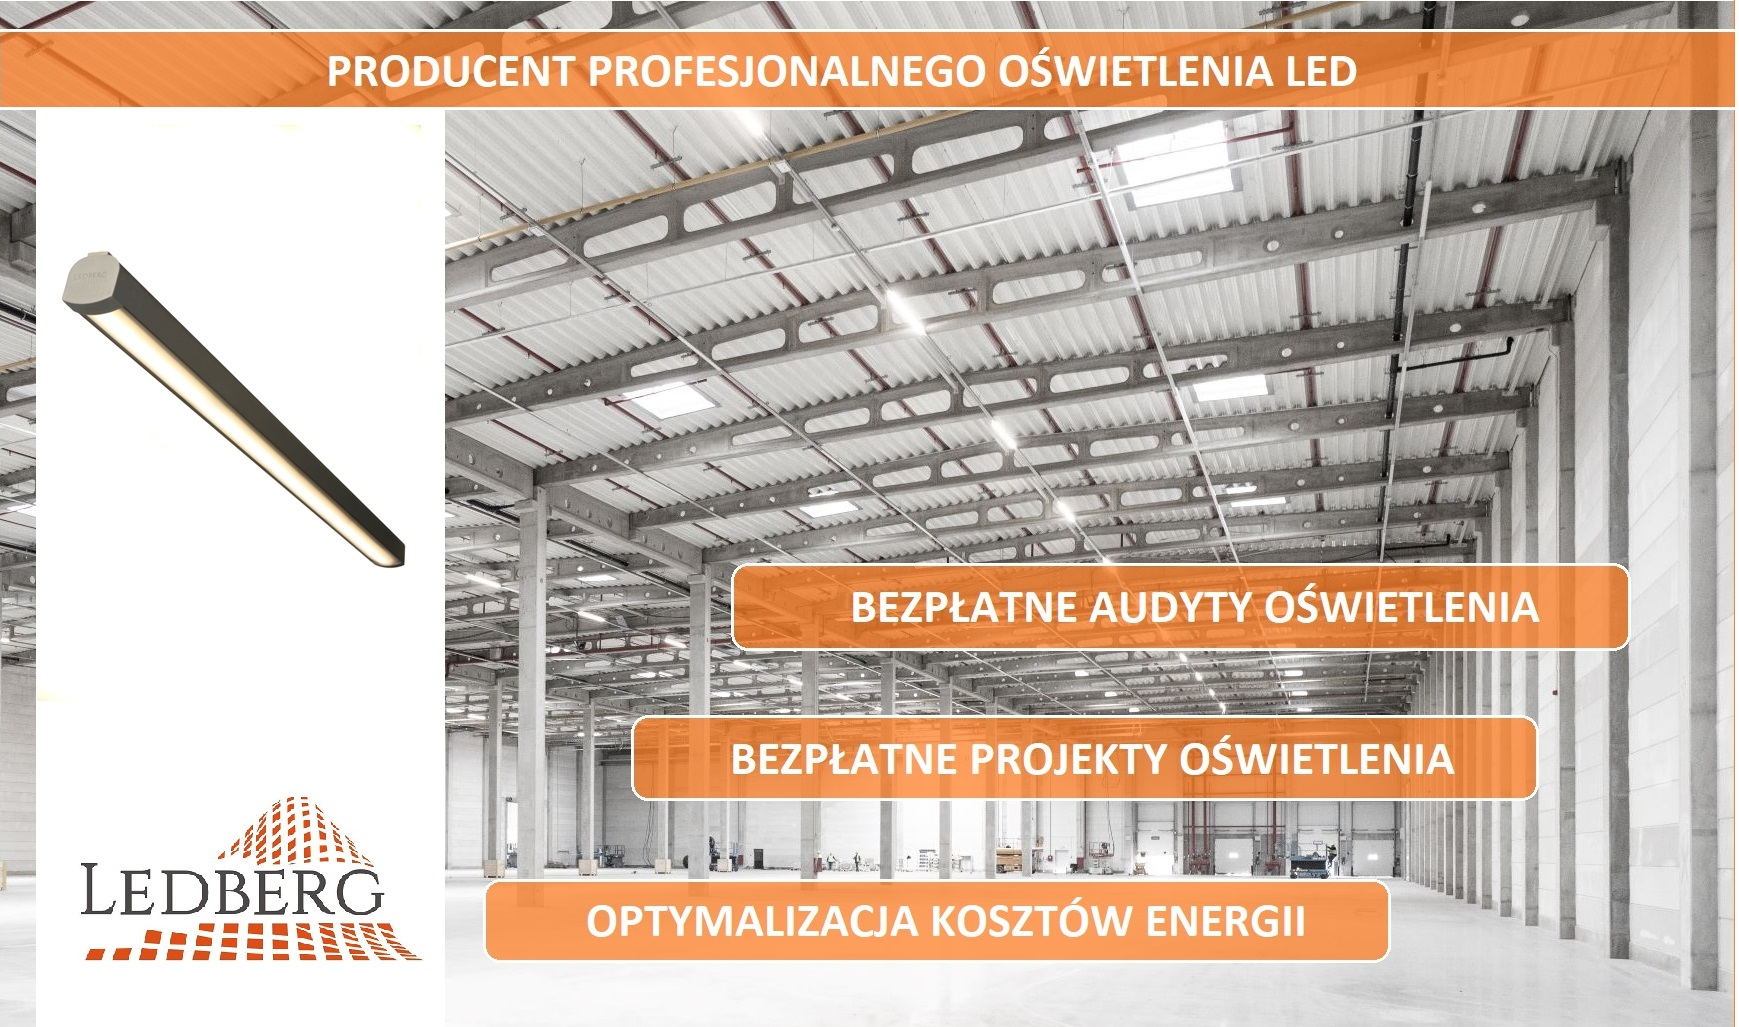 Lampa przemysłowa LED producent